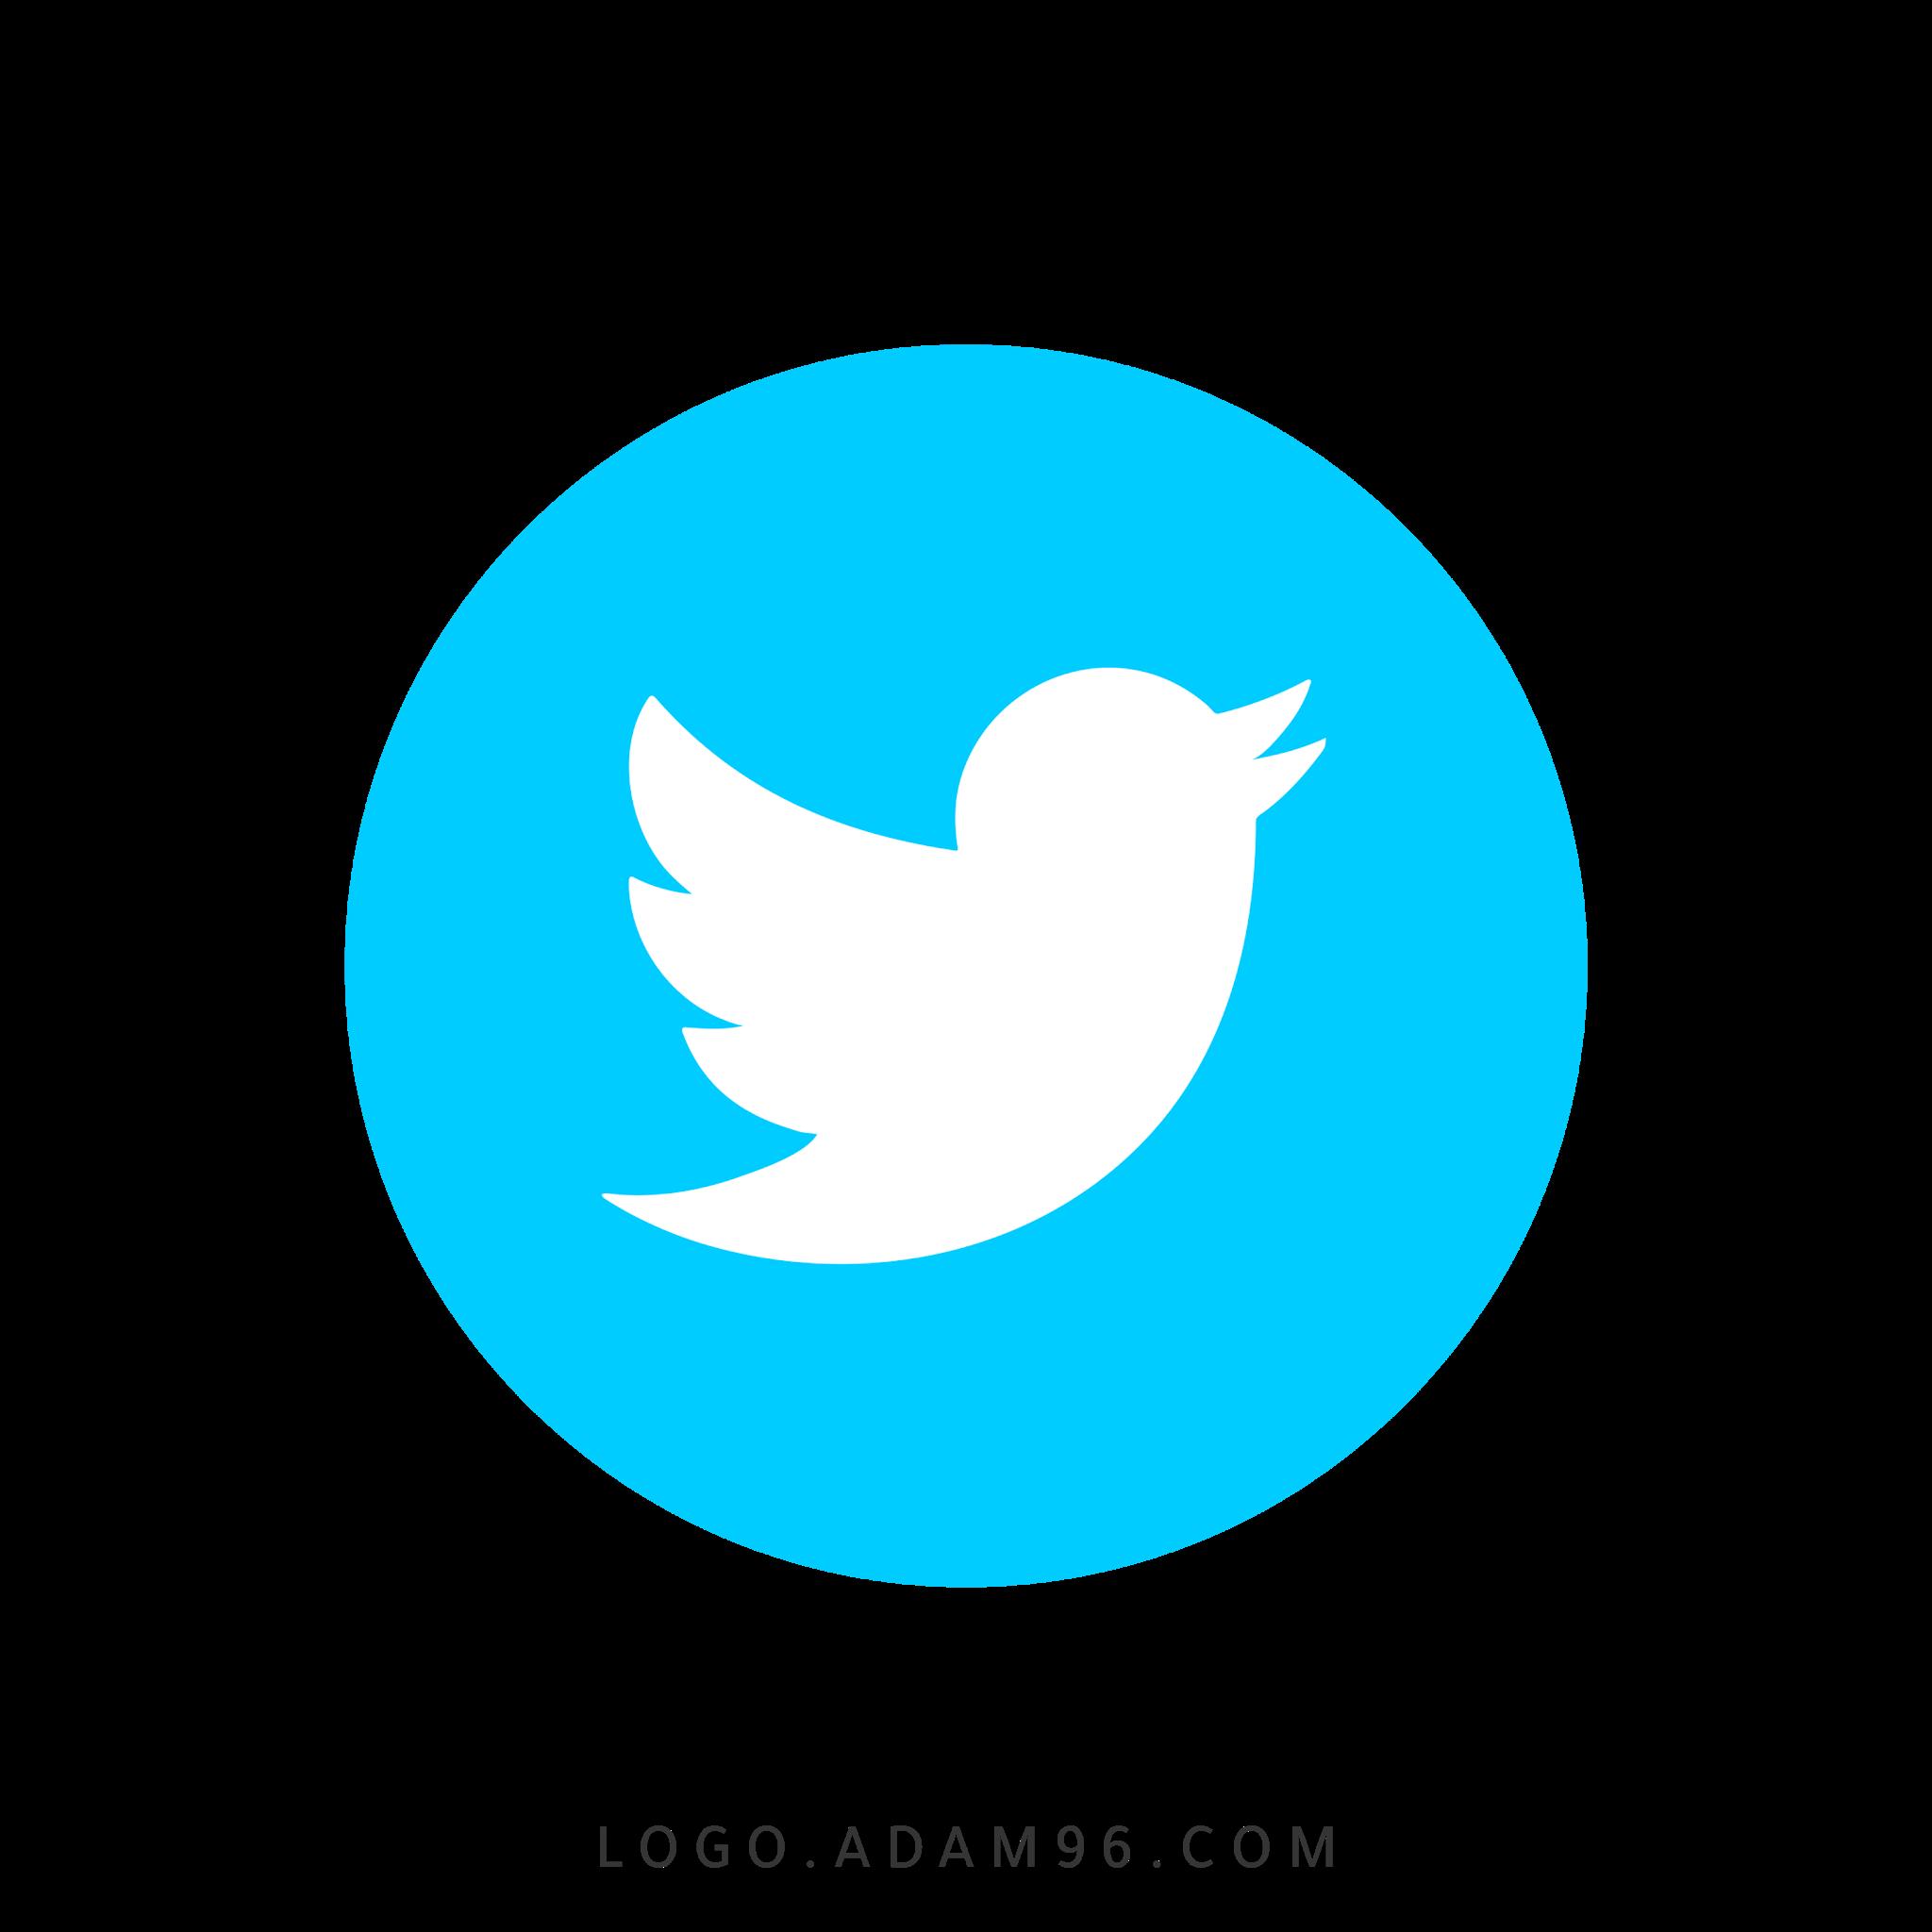 تحميل ايقونة موقع تويتر دائرية لوجو تويتر عالي الجودة بصيغة PNG